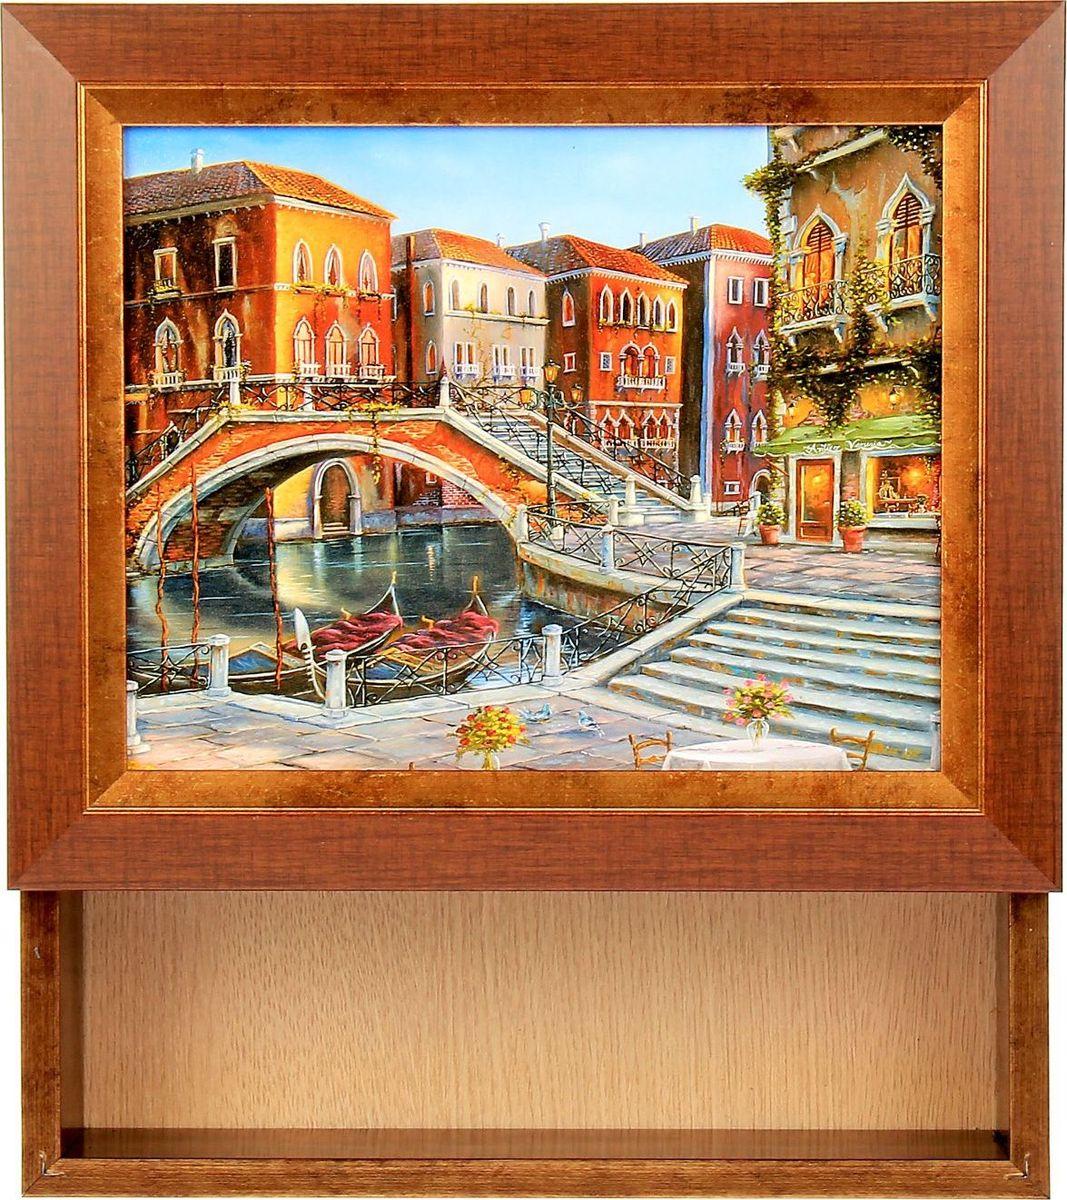 Ключница настенная Мастер Рио Мост через реку, 25 х 30 х 5 см1304292Перед вами — сувенир в полном смысле этого слова. И главная его задача — хранить воспоминание о месте, где вы побывали, или о том человеке, который подарил данный предмет. Преподнесите эту вещь своему другу, и она станет достойным украшением его дома.